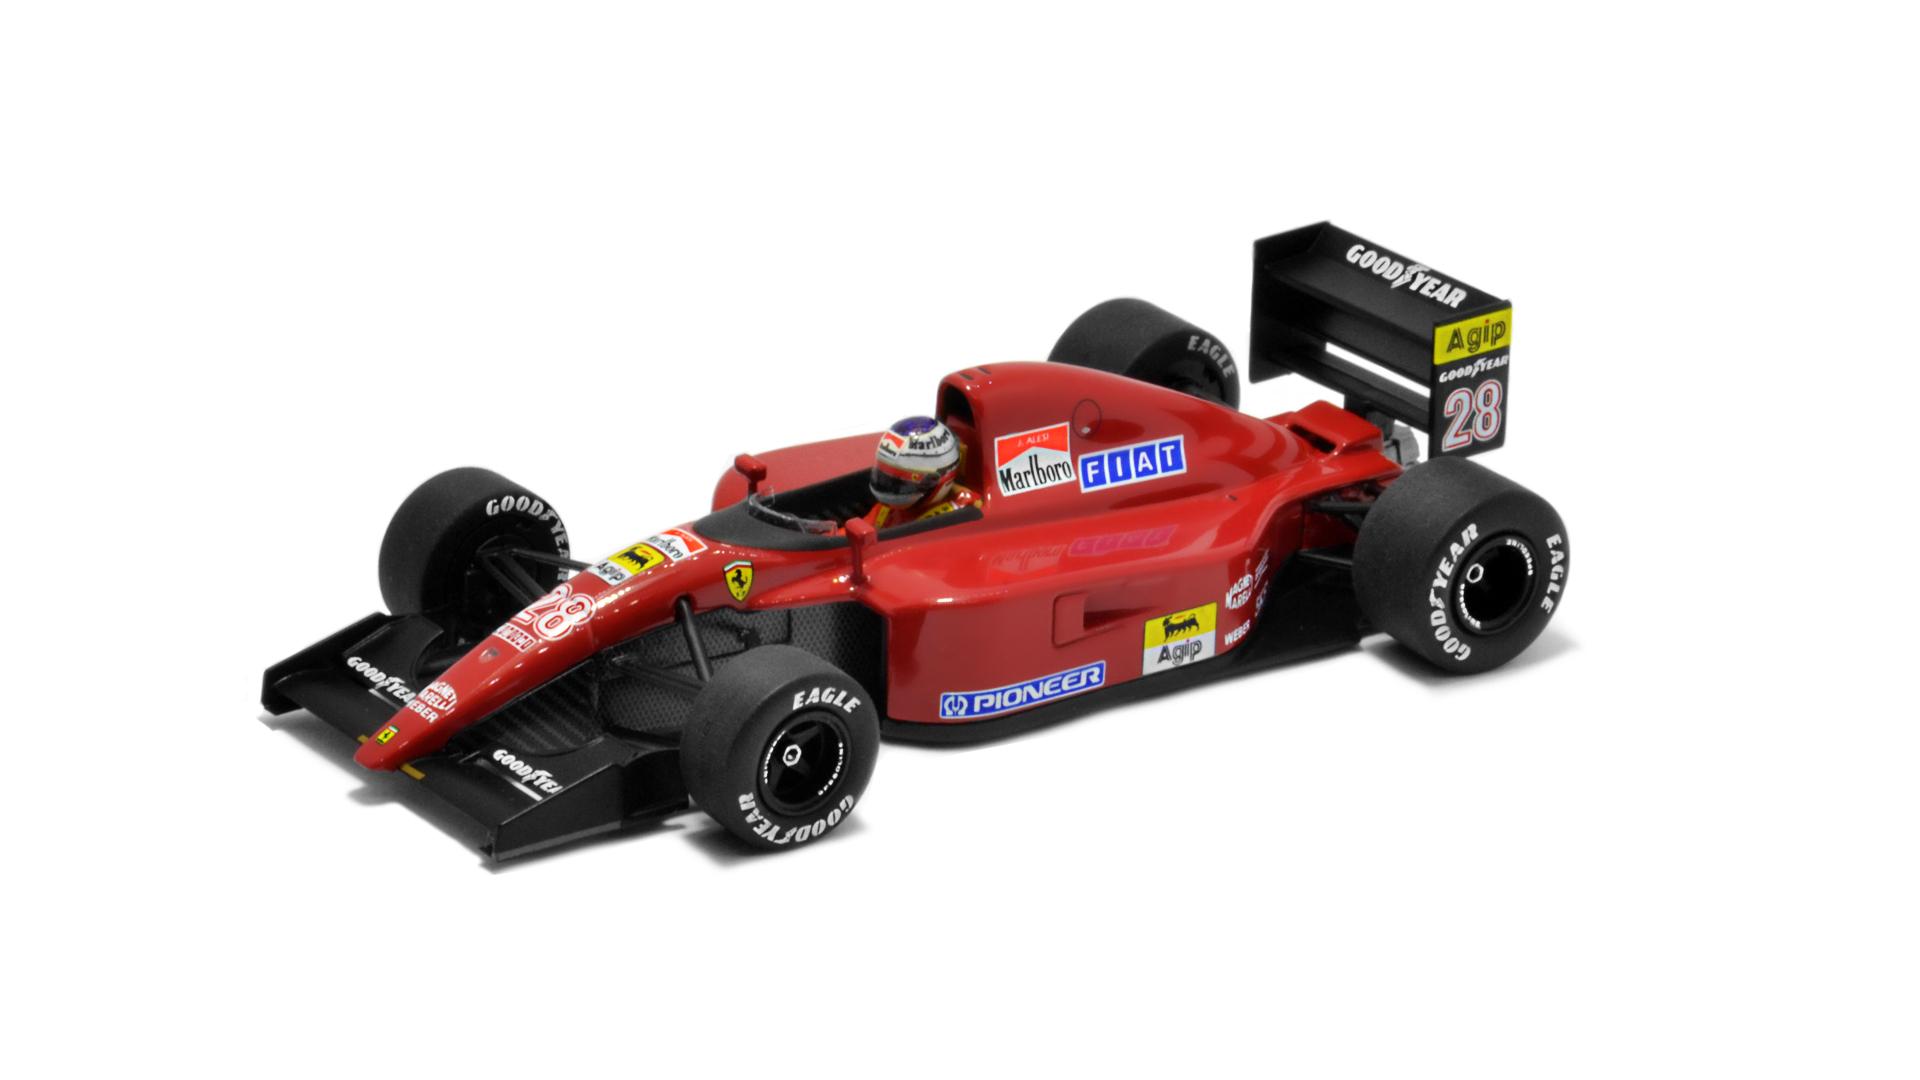 Év: 1991<br />Modell: 643<br />Gyártó: Hot Wheels Elite (átalakított)<br />Pilóta: Jean Alesi